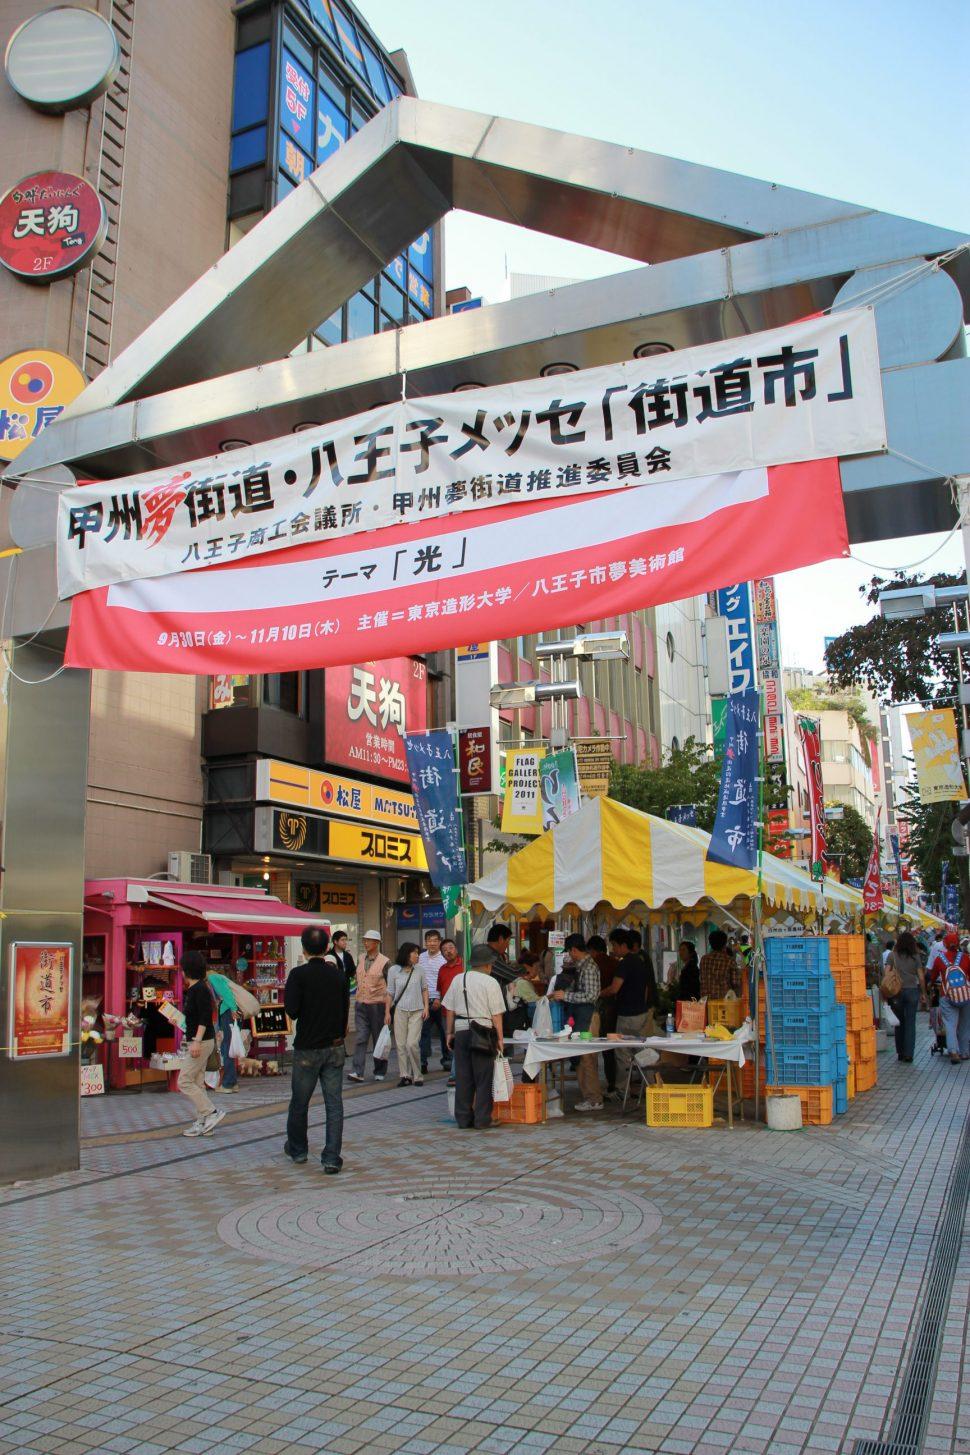 八王子メッセ『街道市』が今年もユーロードで開催2